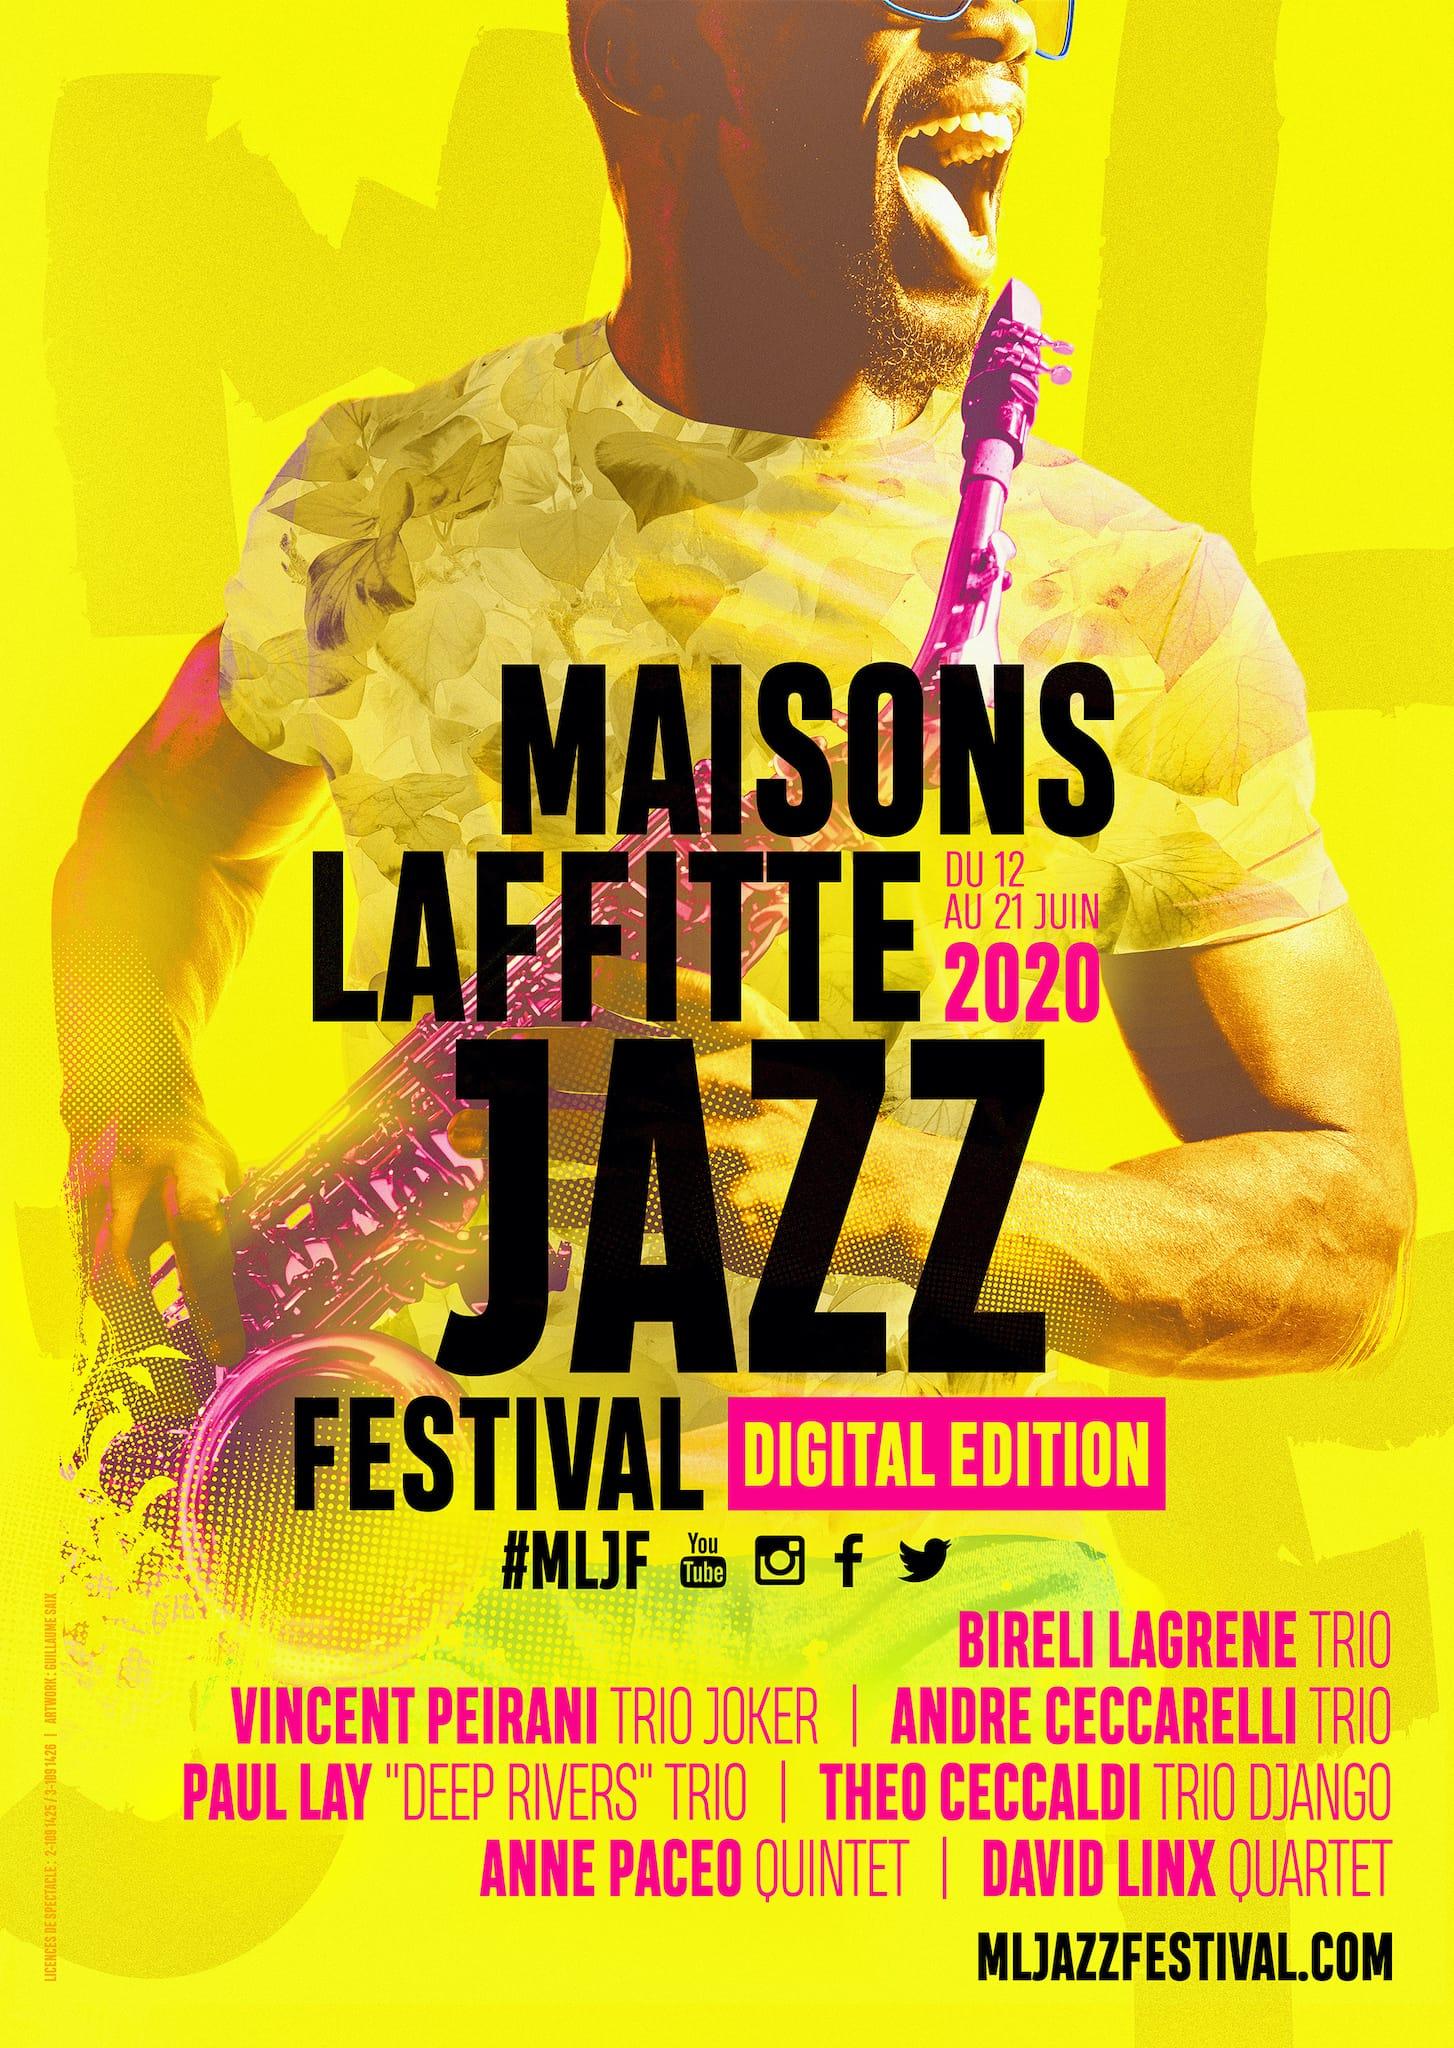 Maisons-Laffitte Jazz Festival 2020 #Digital Edition affiche festival de musique